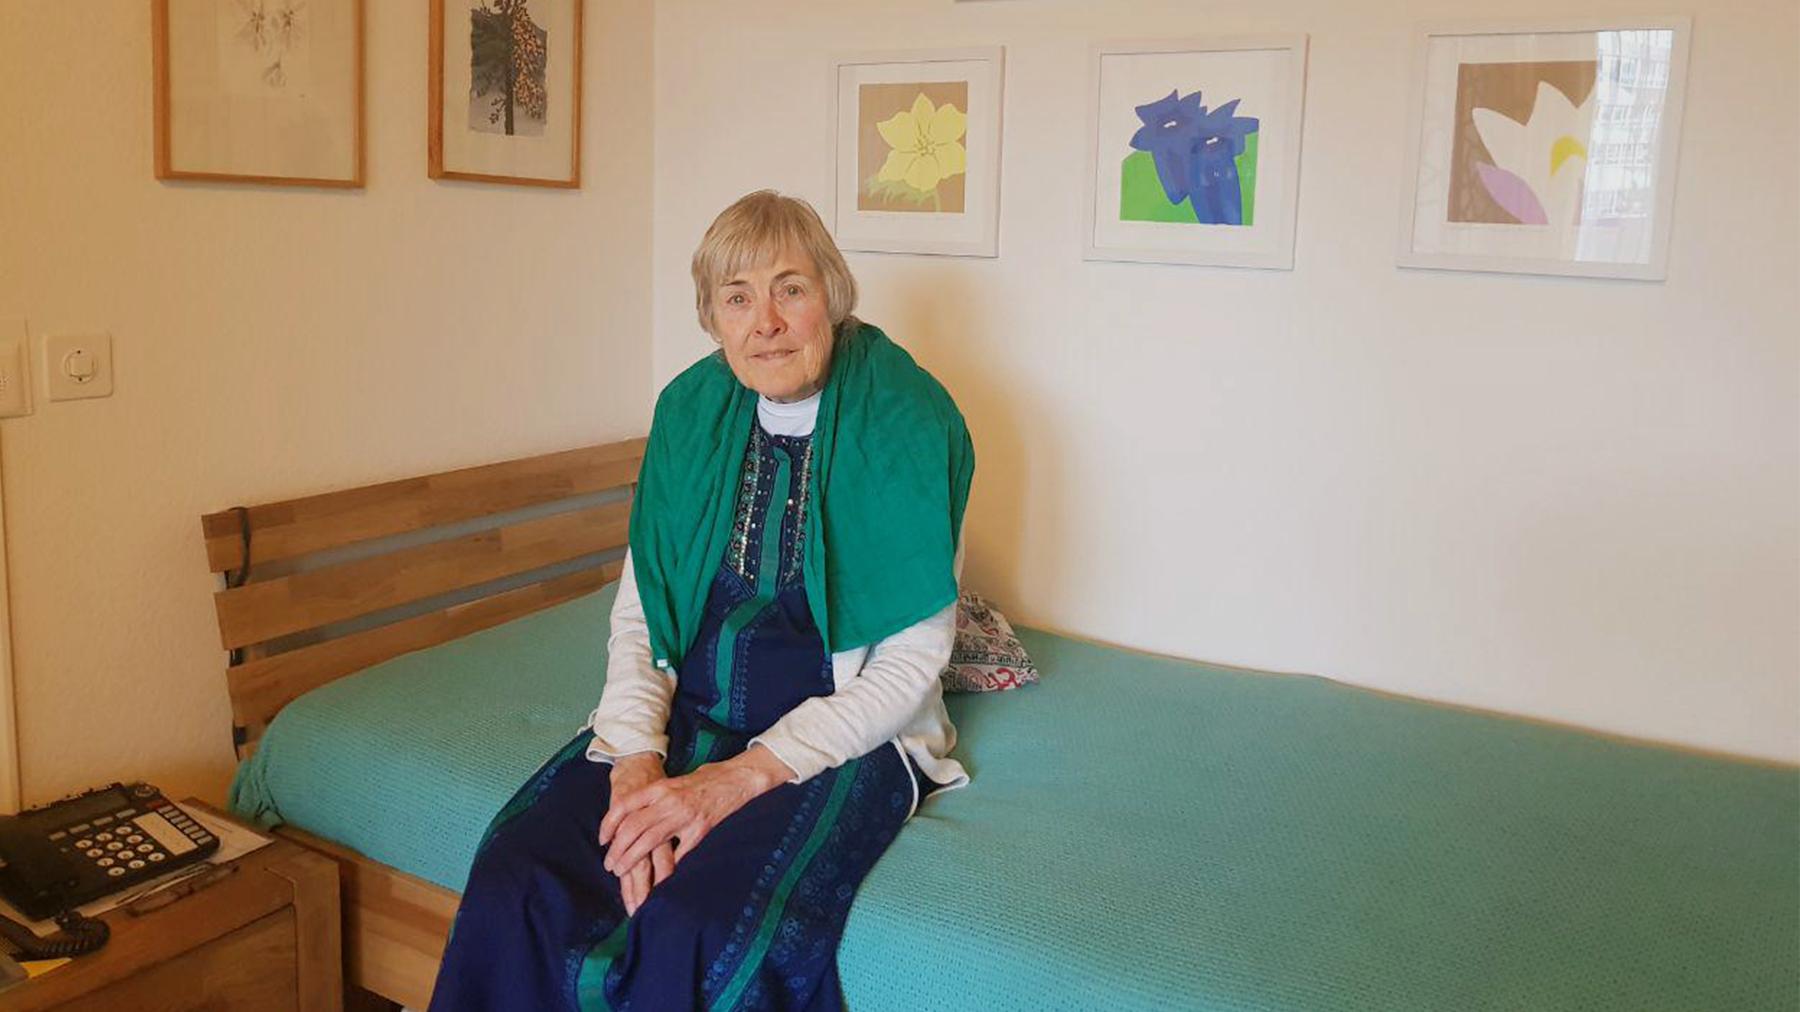 Liselotte Diezi